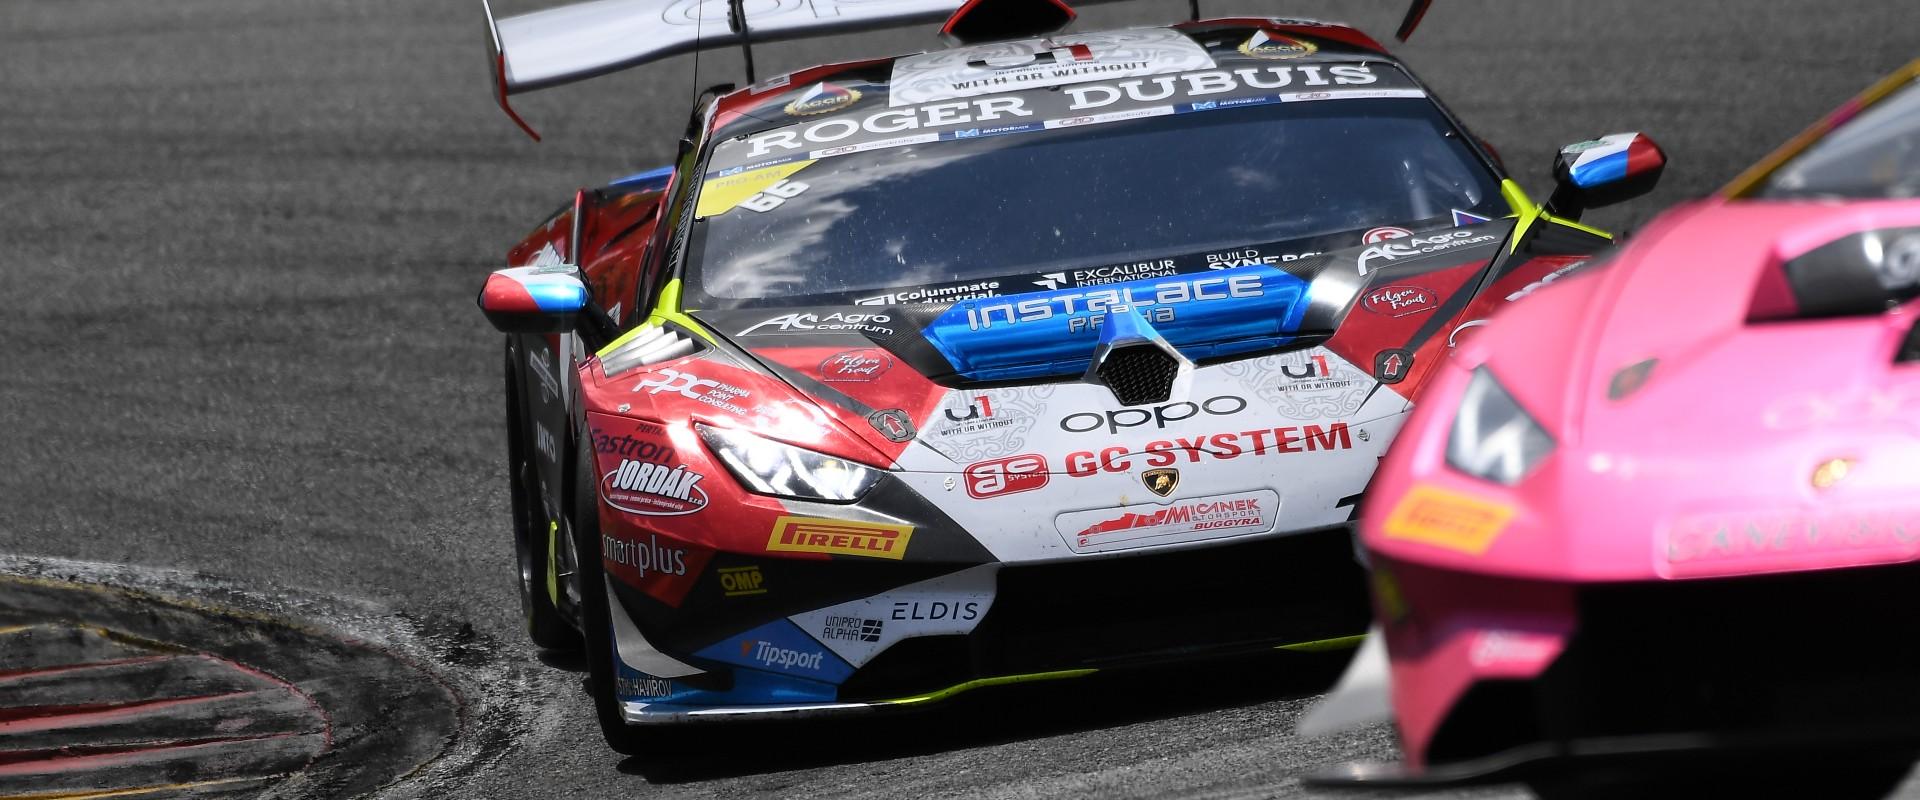 """Víkend s velkým """"v"""": Mičánek Motorsport powered by Buggyra bojuje na dvou frontách o tituly"""